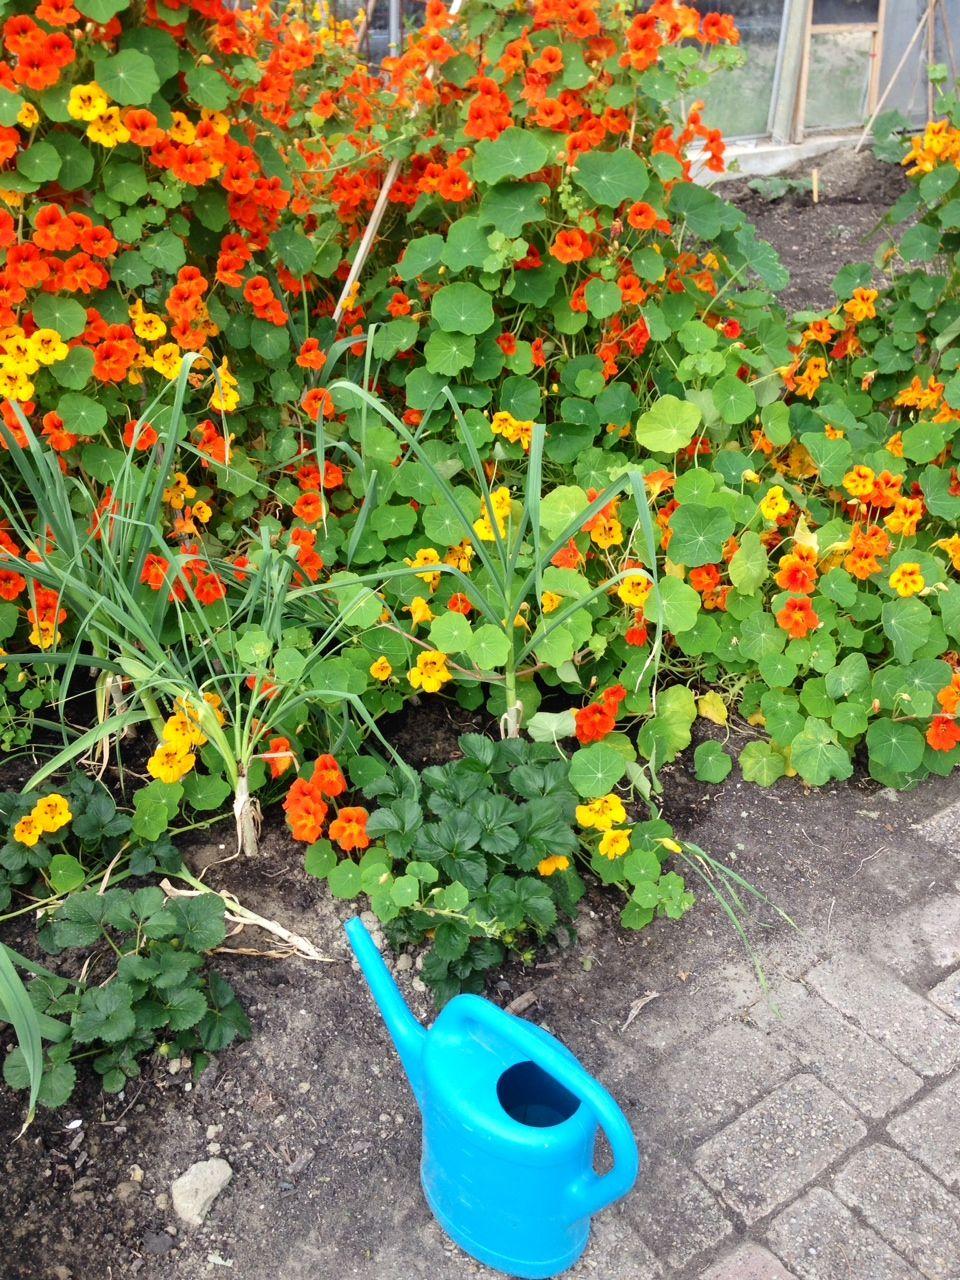 oostindische kers...zowel blad als bloem shinen in bijna al onze lente-salades!